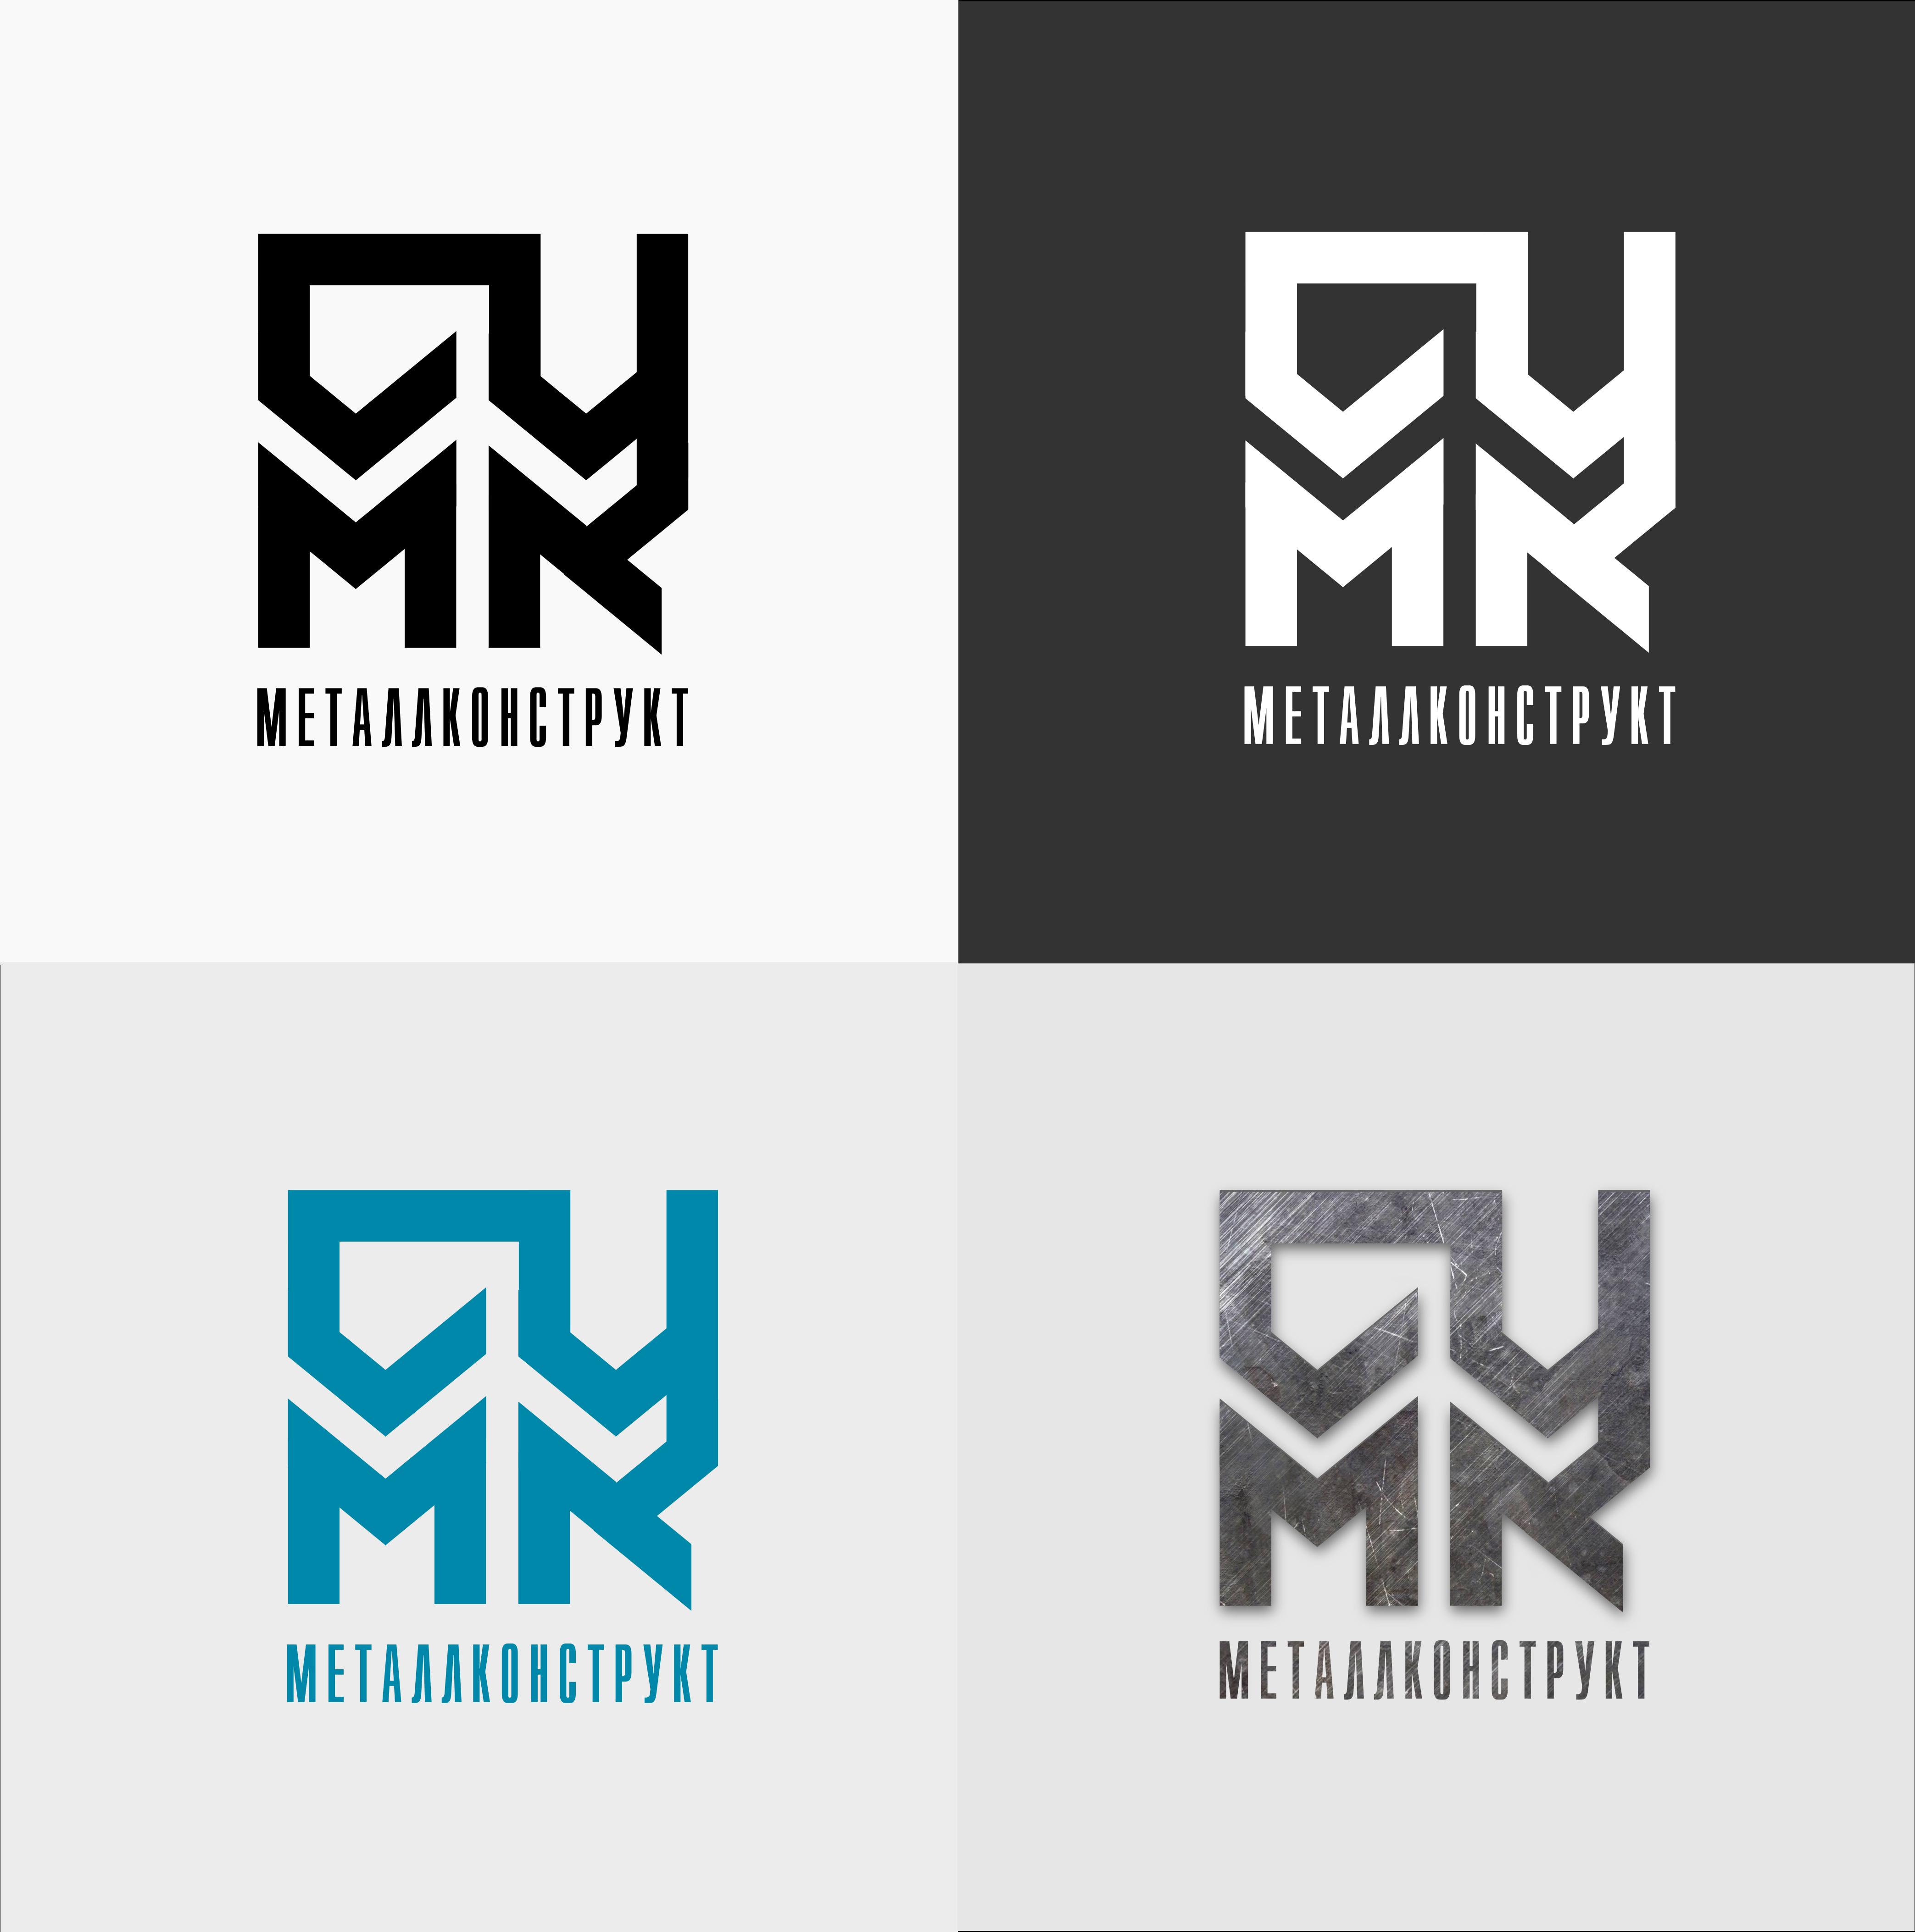 Разработка логотипа и фирменного стиля фото f_8775ae063e99287a.png